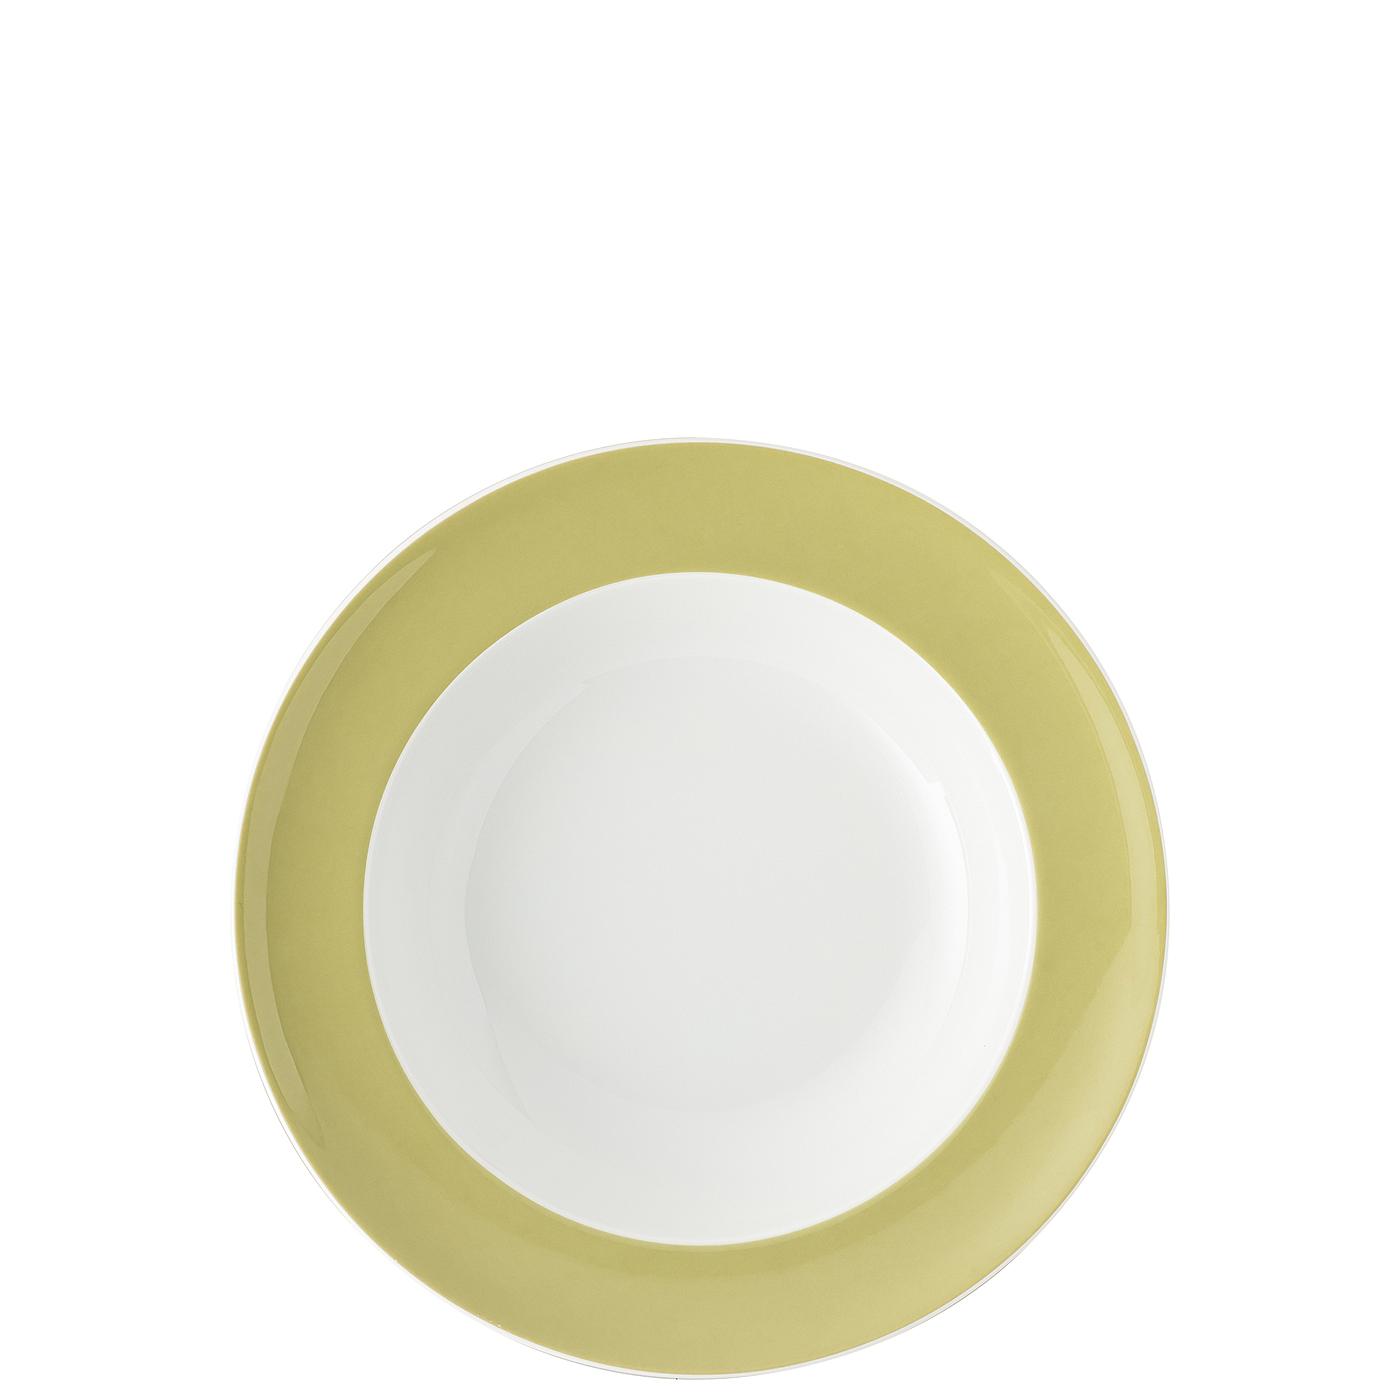 Suppenteller 23 cm Sunny Day Avocado Green Thomas Porzellan